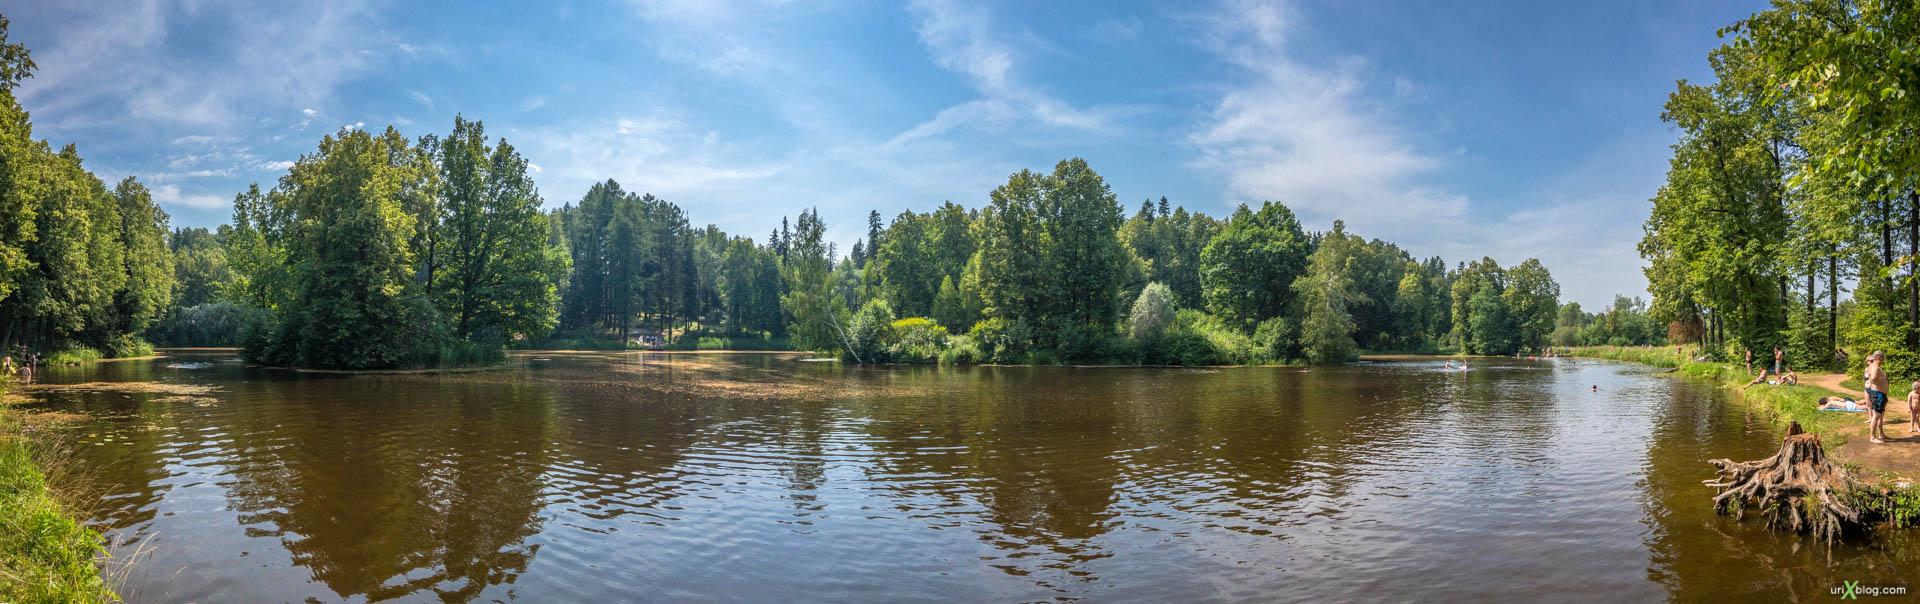 Барский пруд, Усадьба Середниково, Россия